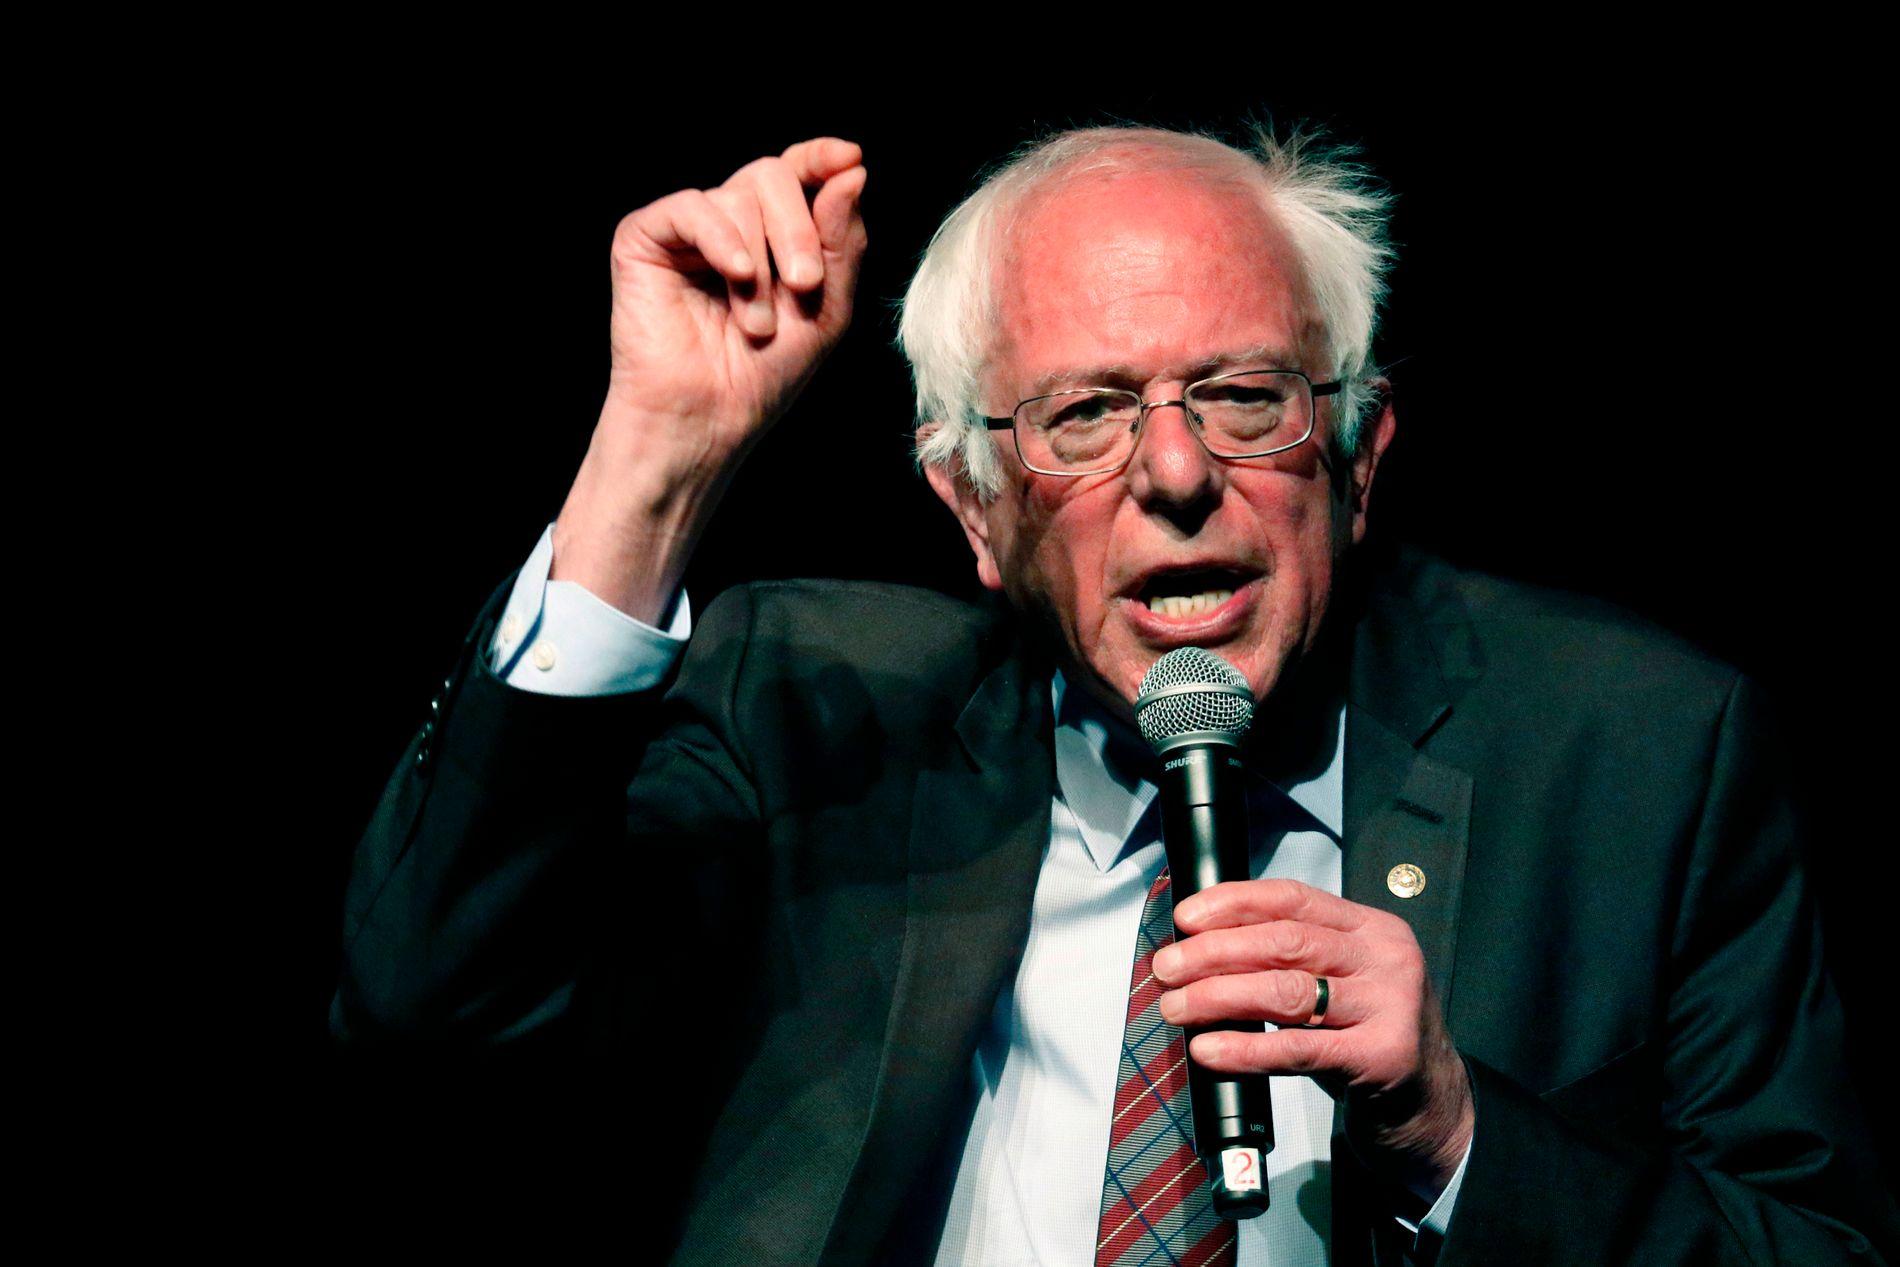 VETERAN: Bernie Sanders vil være 79 ved neste innsettelse av president i USA.